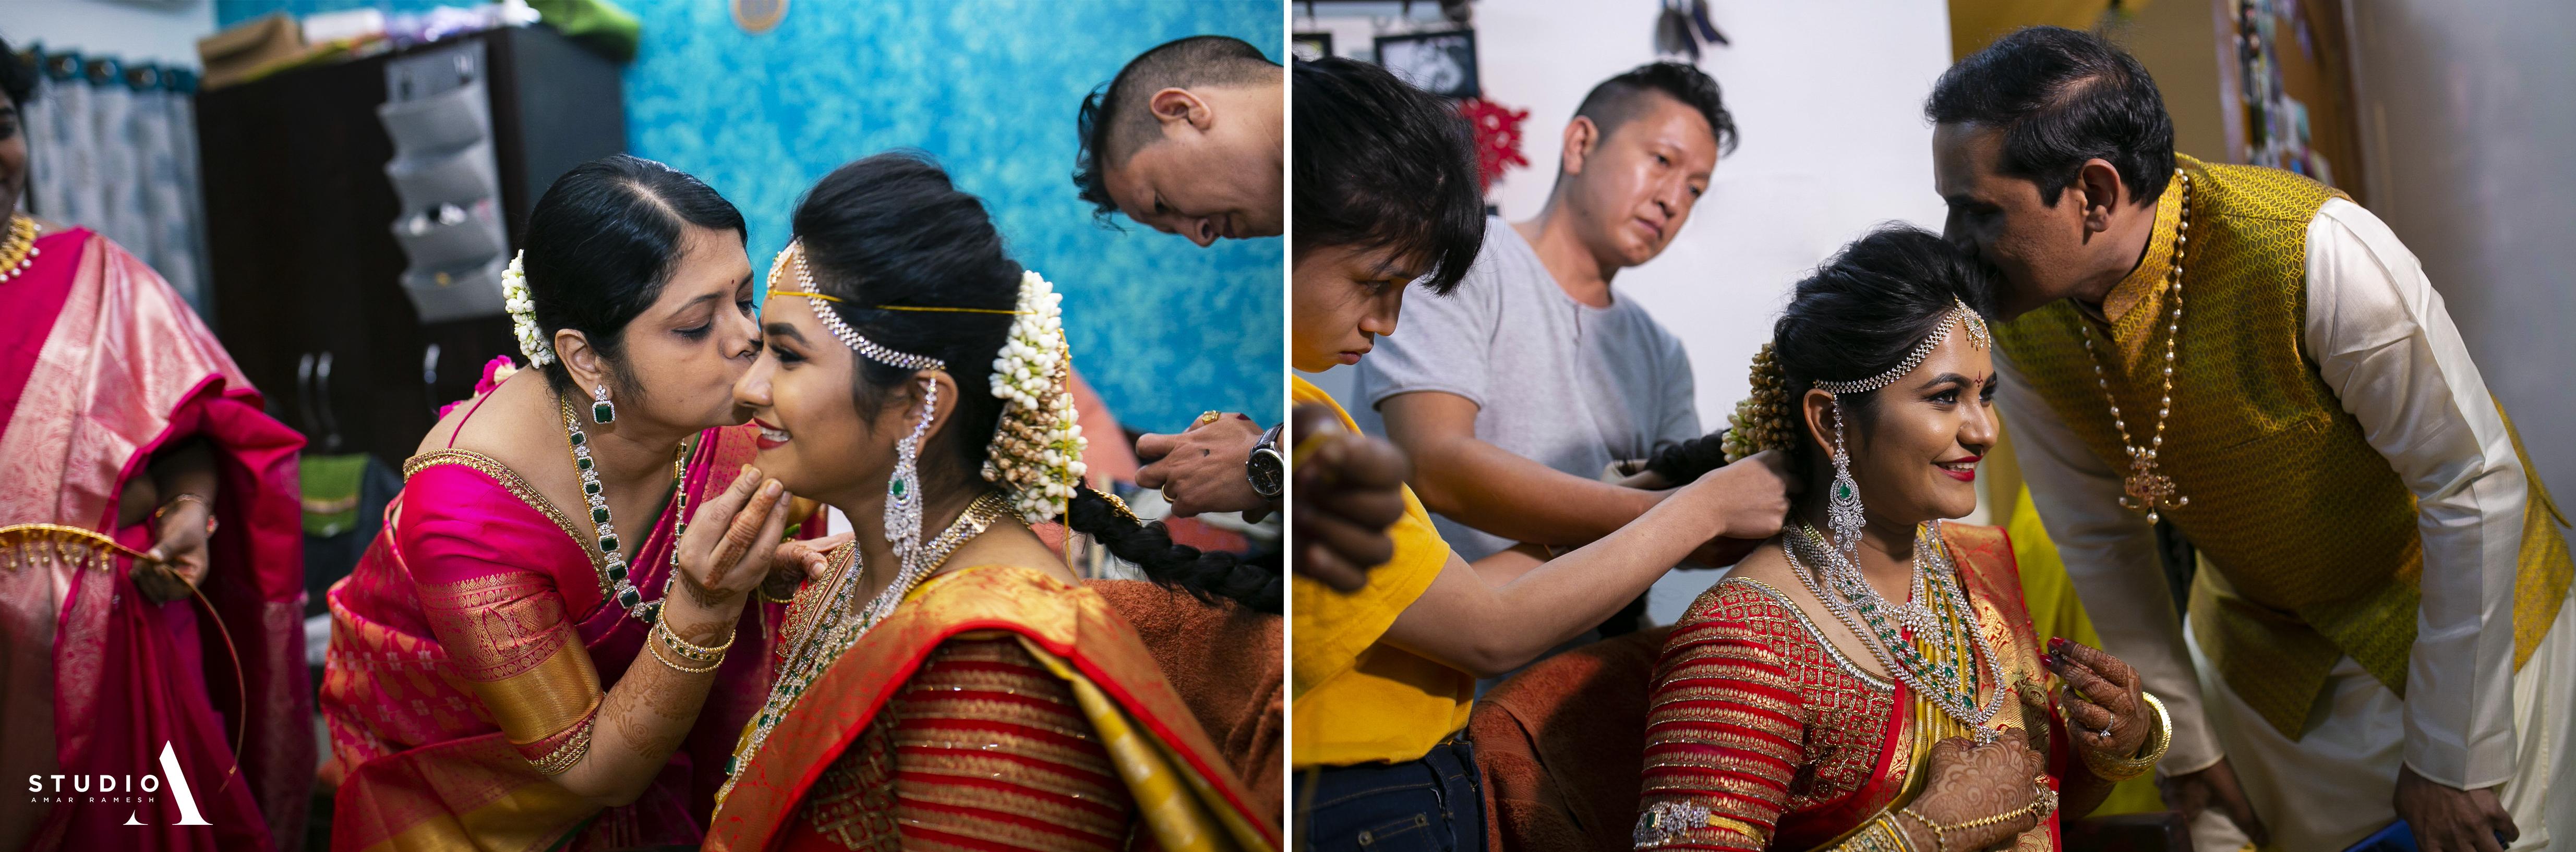 grand-telugu-wedding-studioa-amarramesh-67